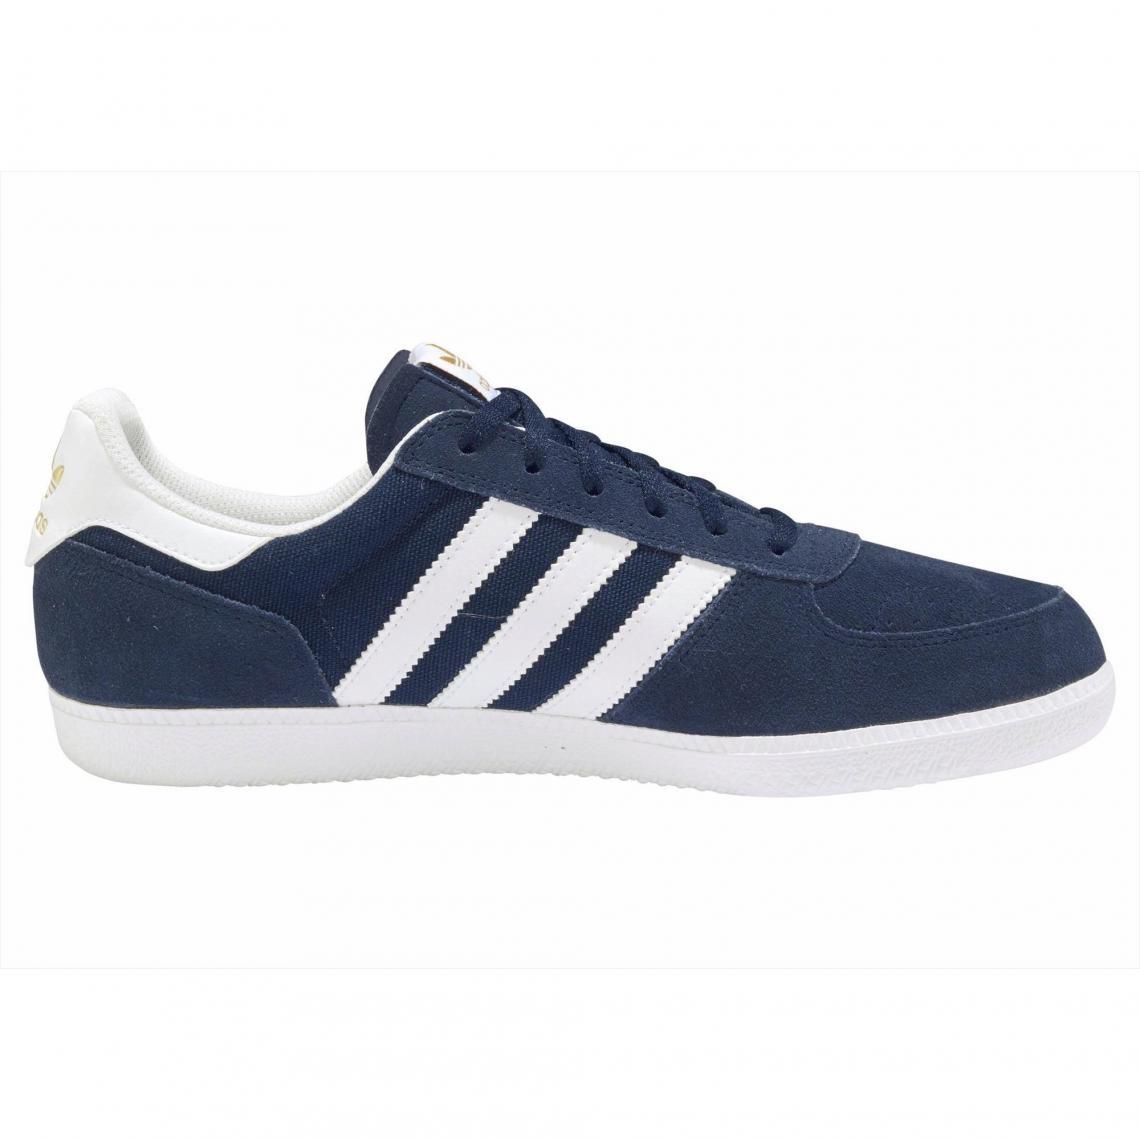 Leonero3 Originals Chaussures Suisses De Skate Homme Adidas 34R5jALcq